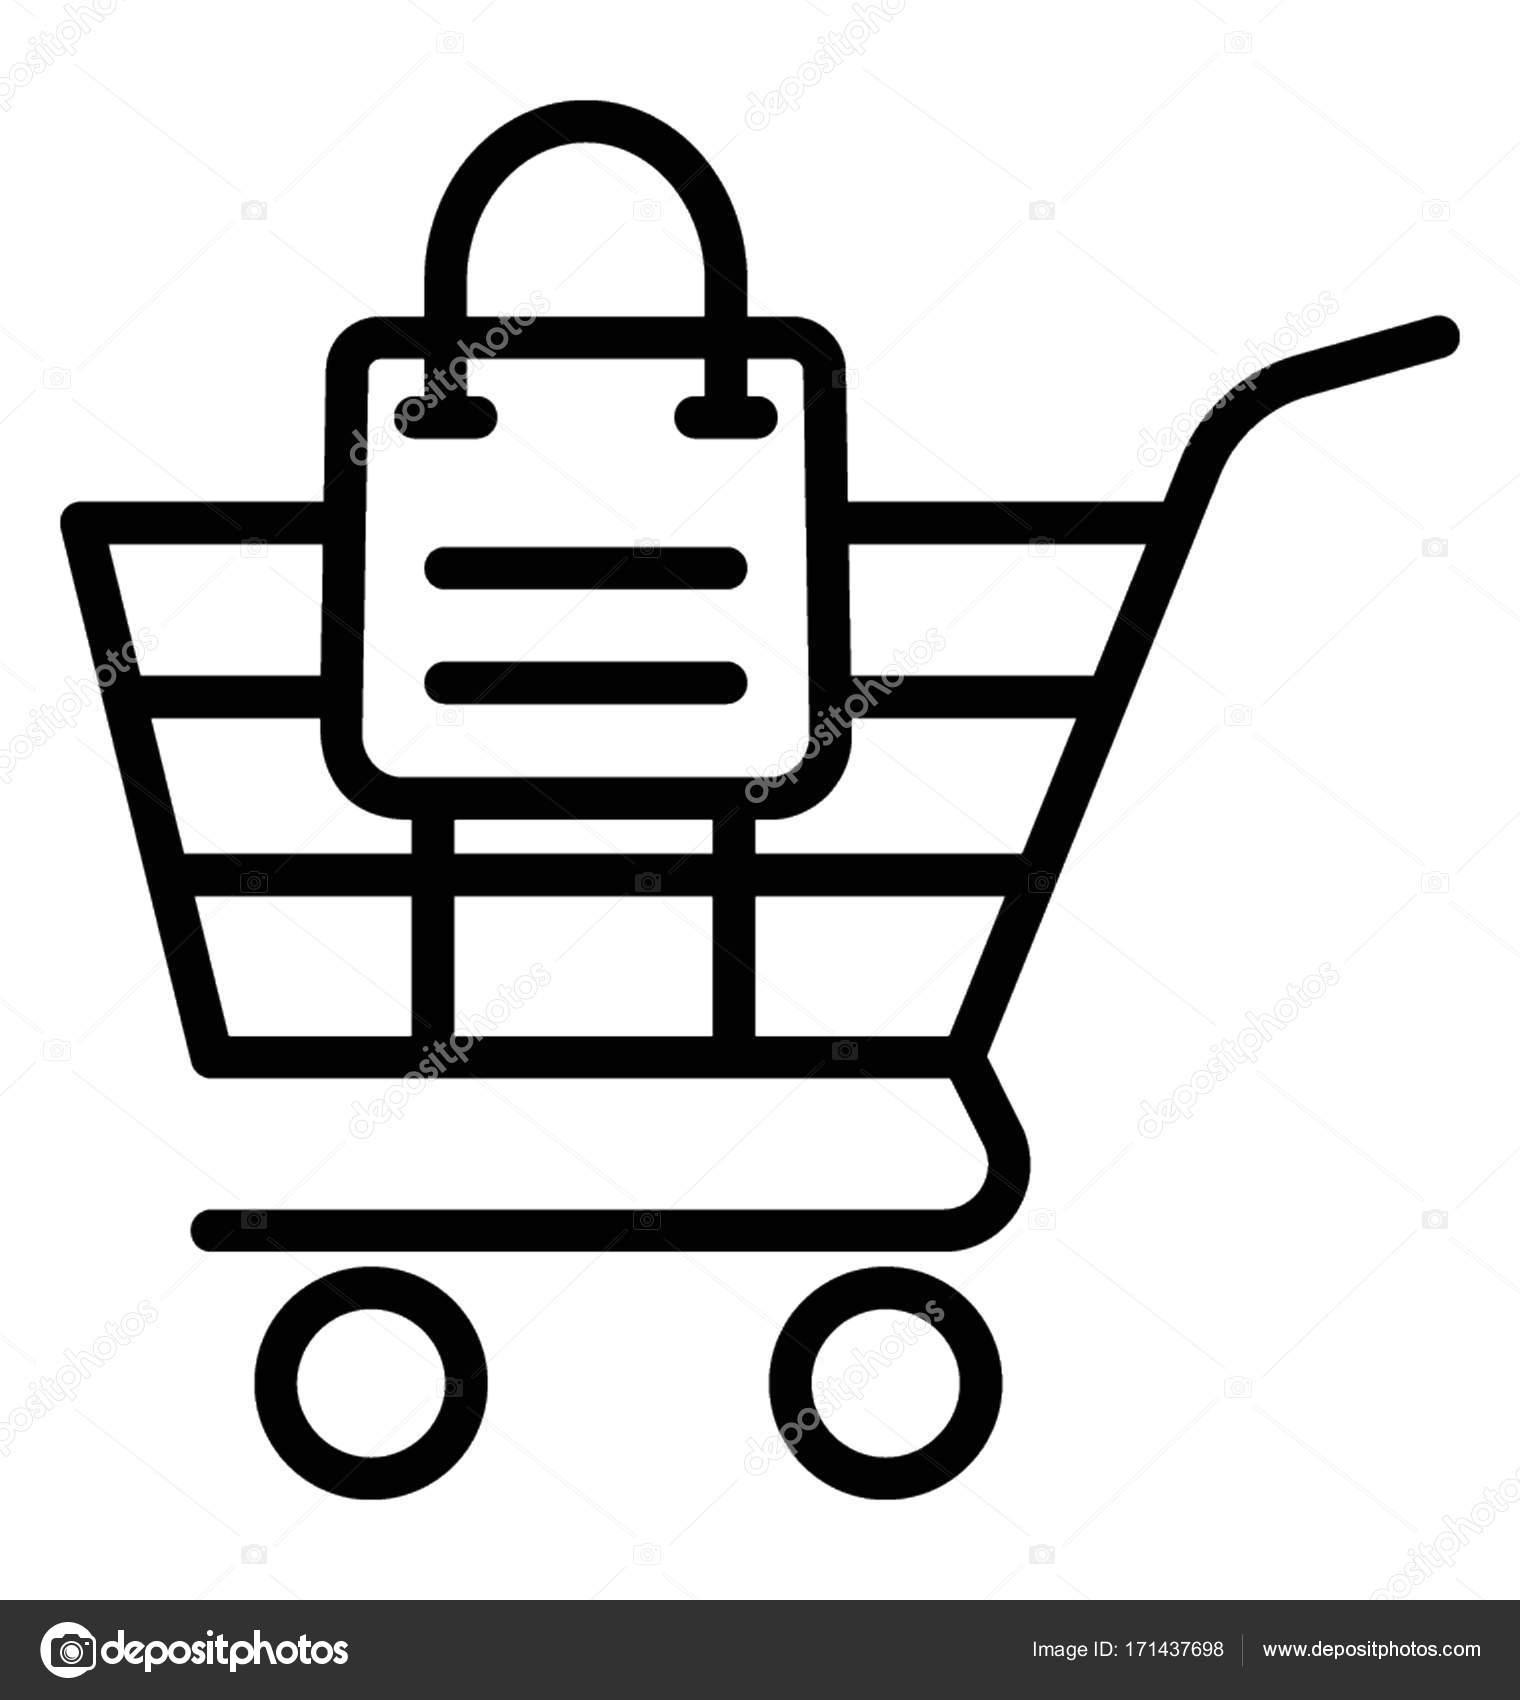 shopping cart vector icon stock vector vectorsmarket 171437698 rh depositphotos com shopping cart vector art shopping cart vector png